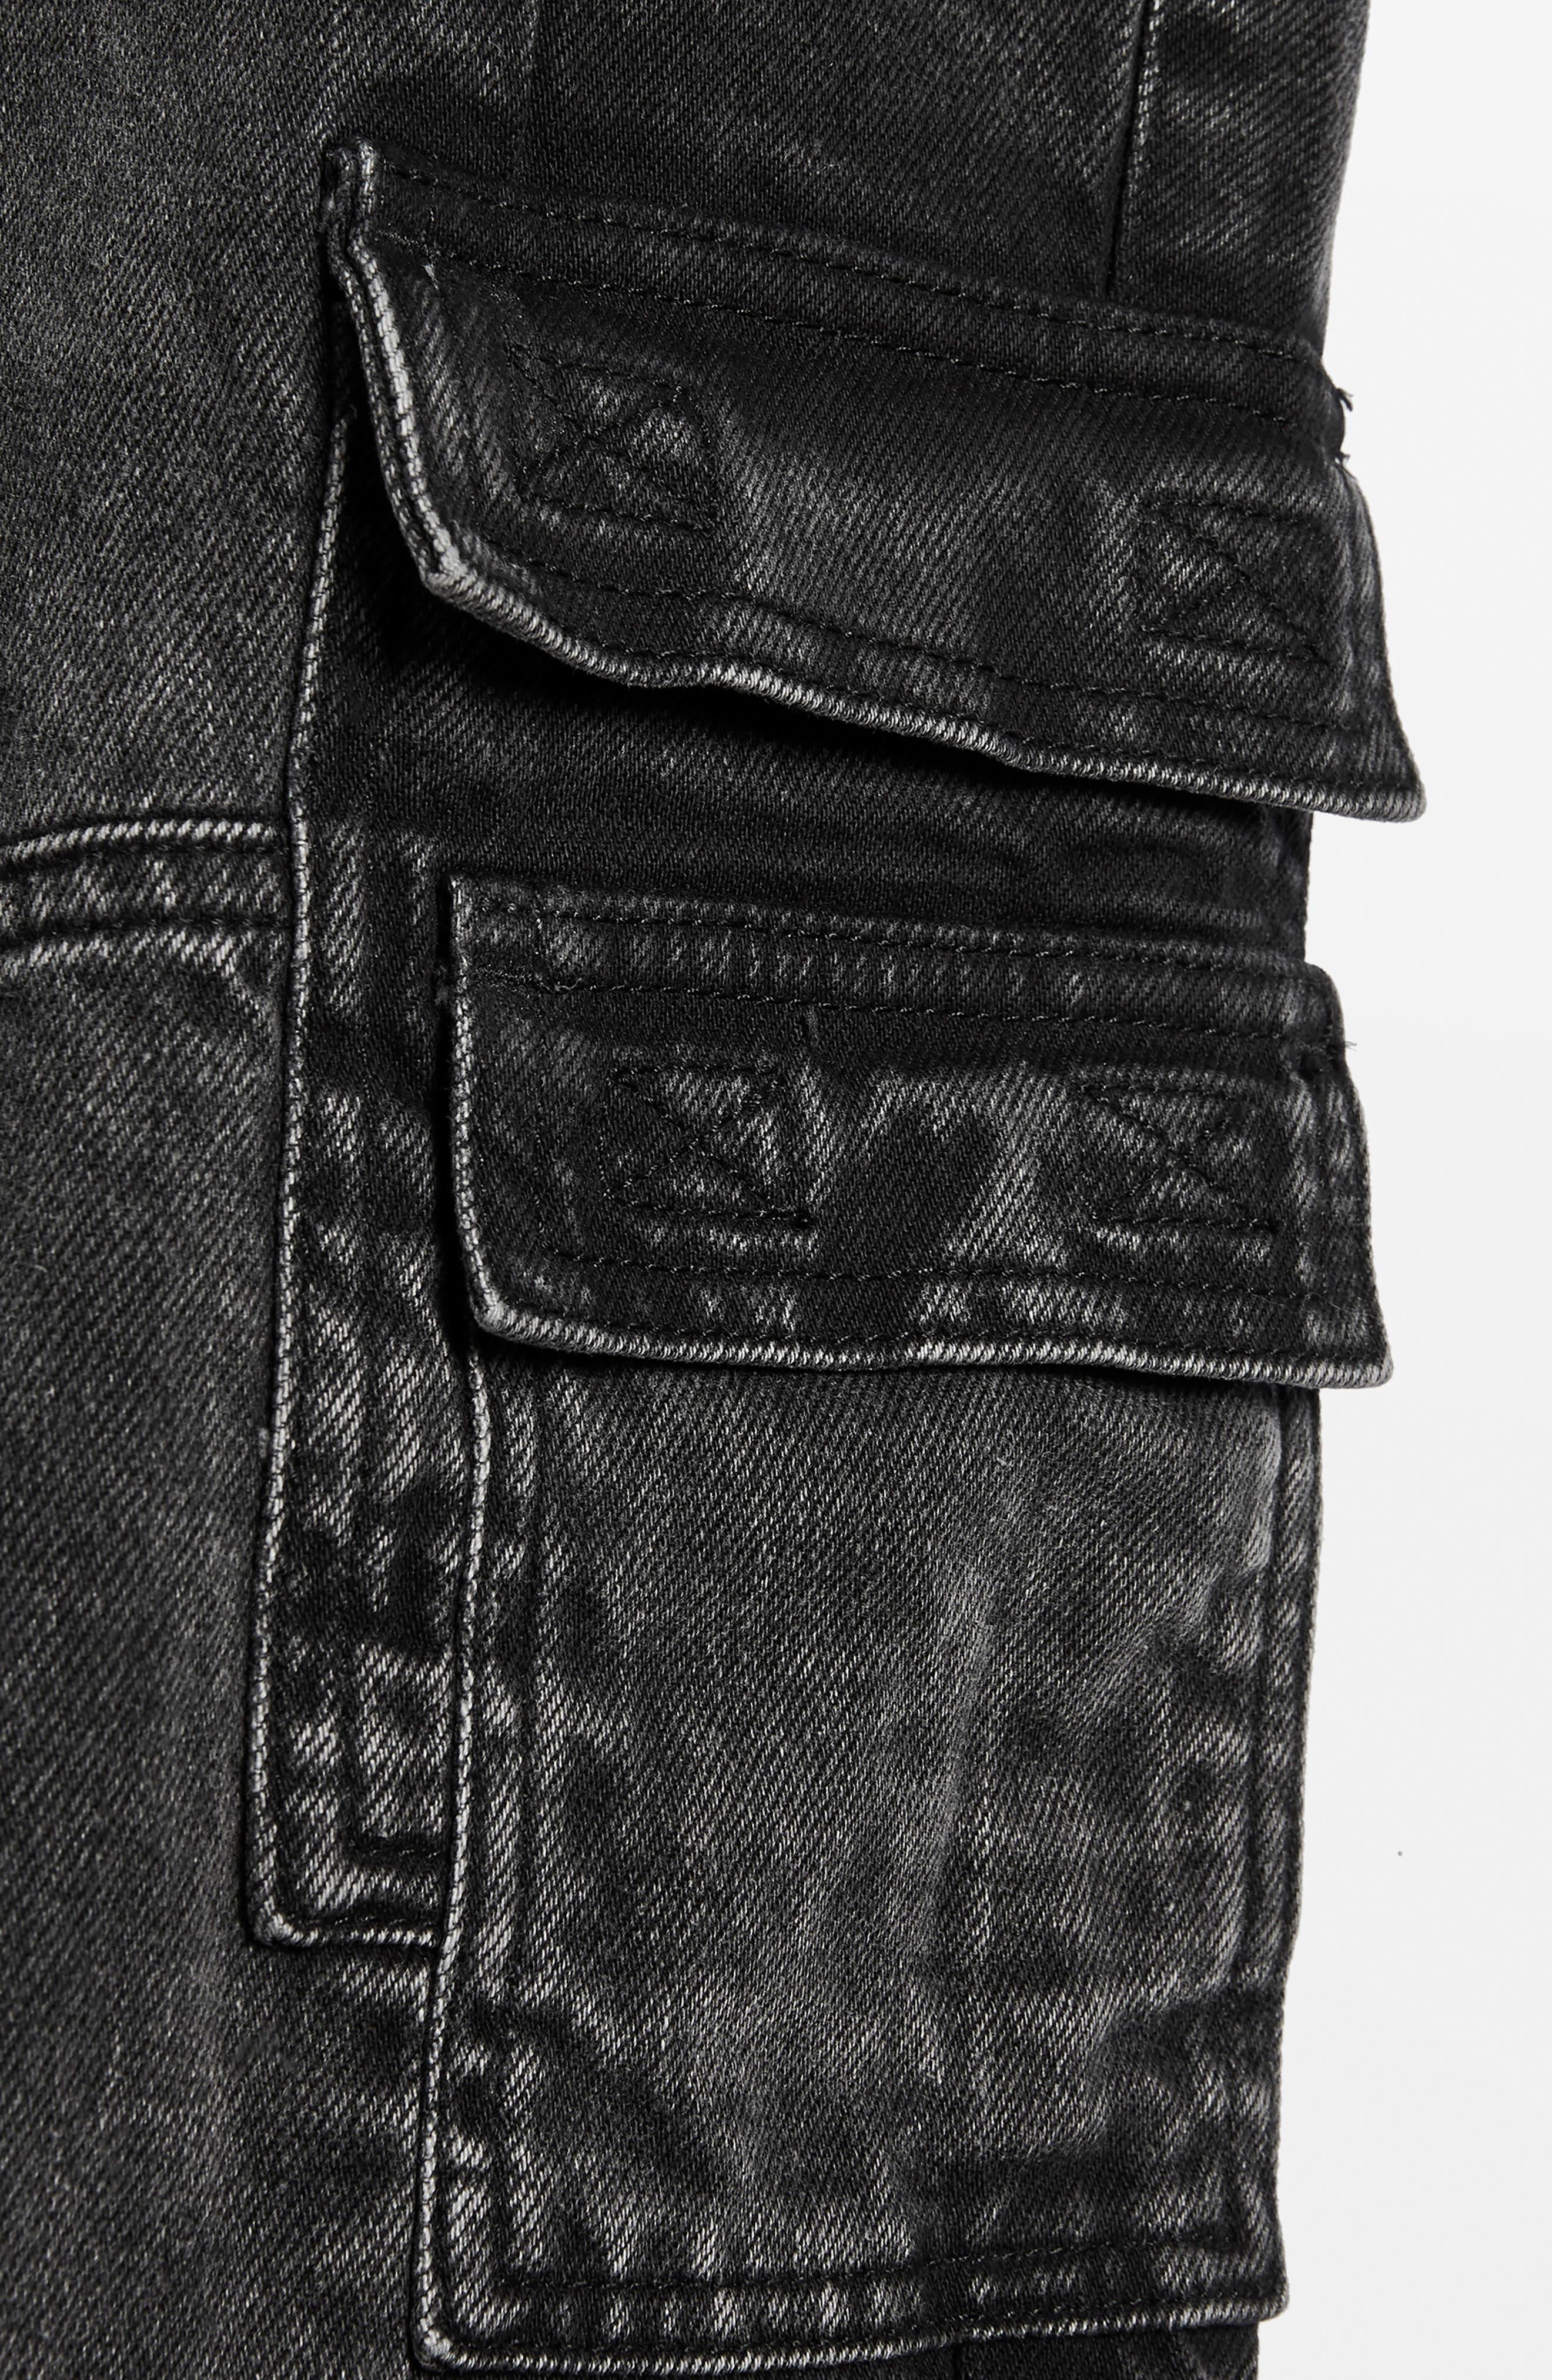 Washed Black Biker Jeans,                             Alternate thumbnail 2, color,                             003